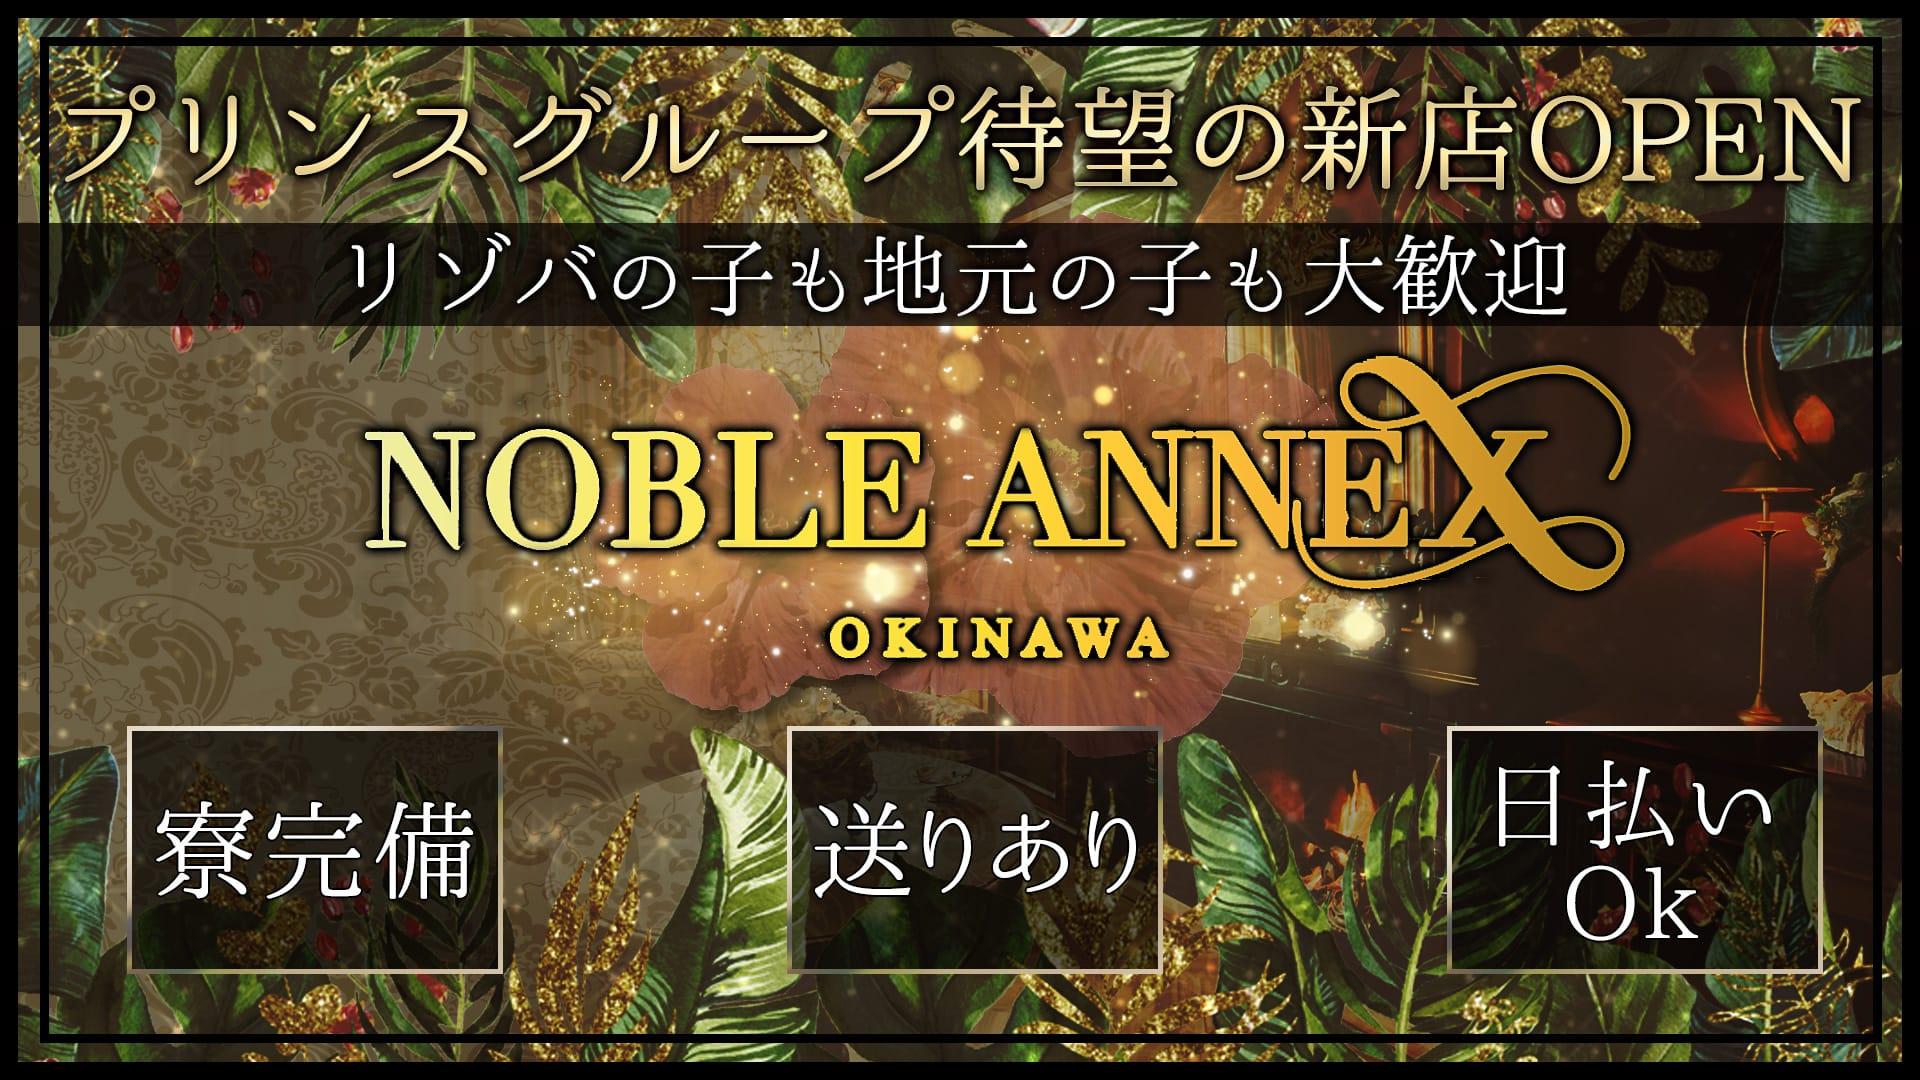 沖縄NOBLE ANNEX(ノーブルアネックス) 松山(沖縄)キャバクラ TOP画像